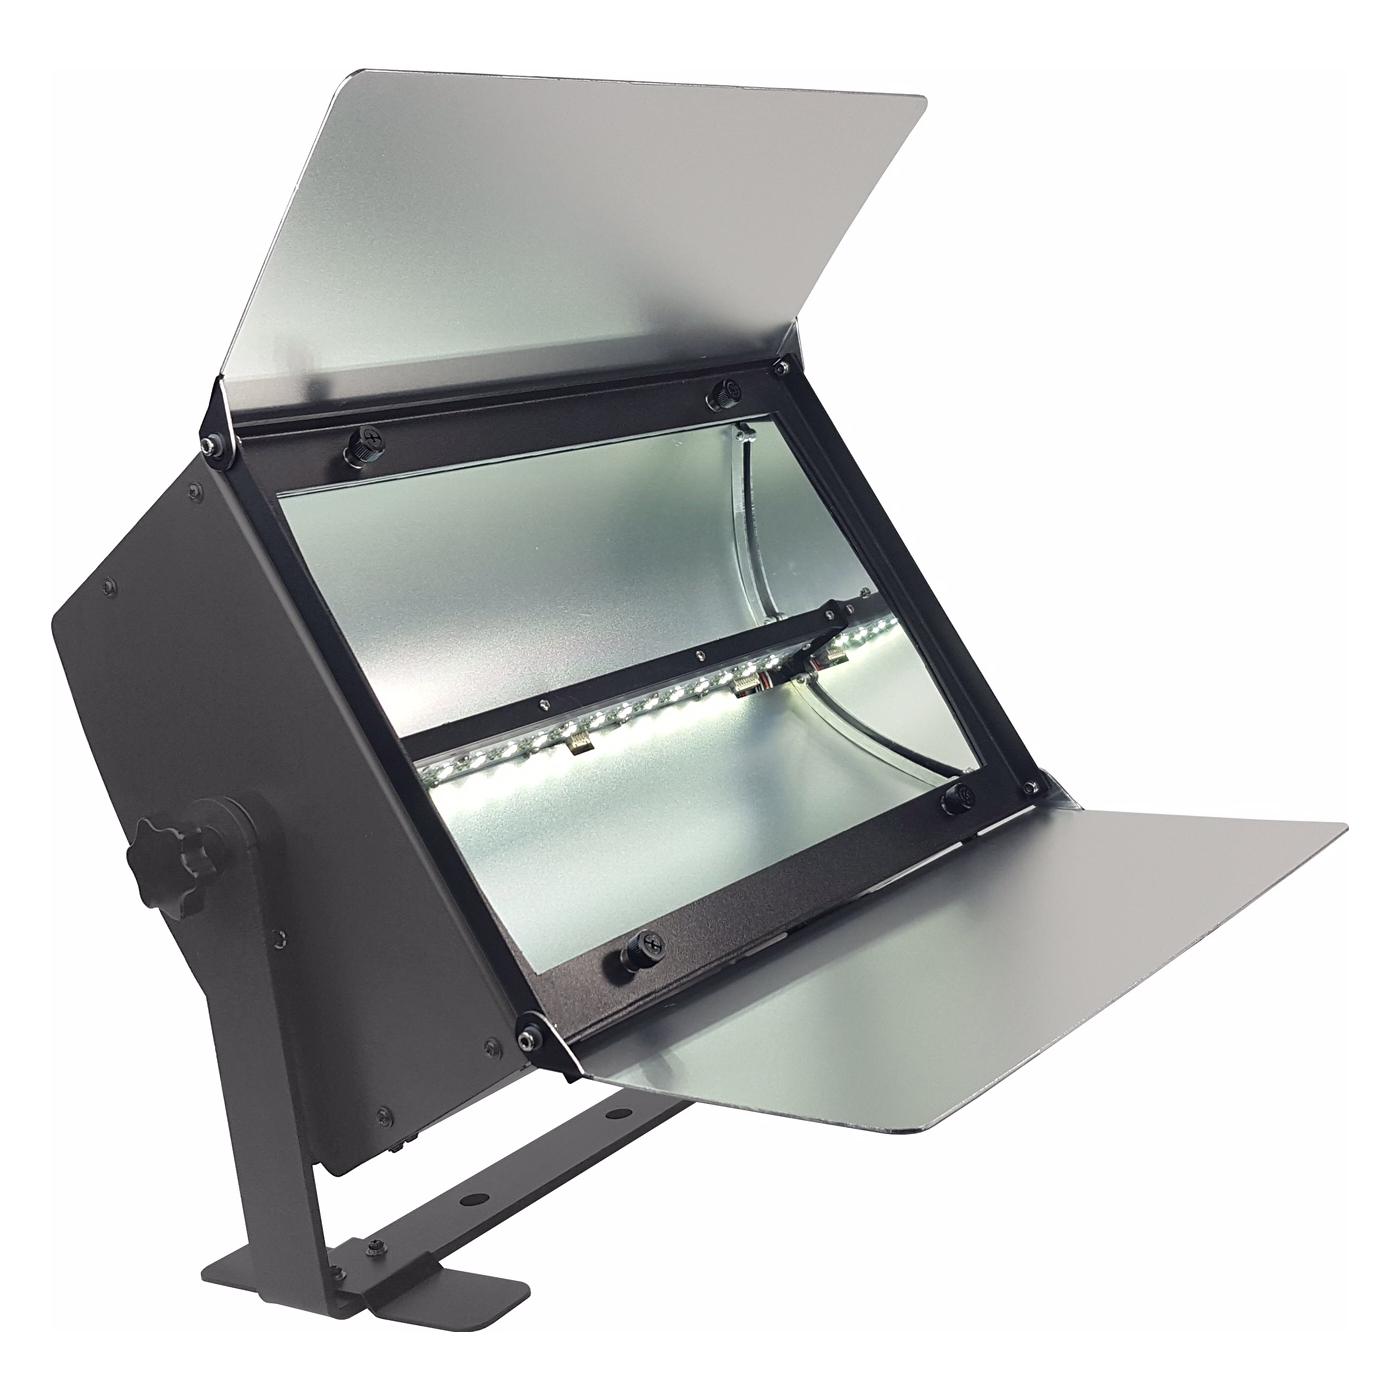 LED RGBW Strobe / Cyc Light with Dual Zone Control